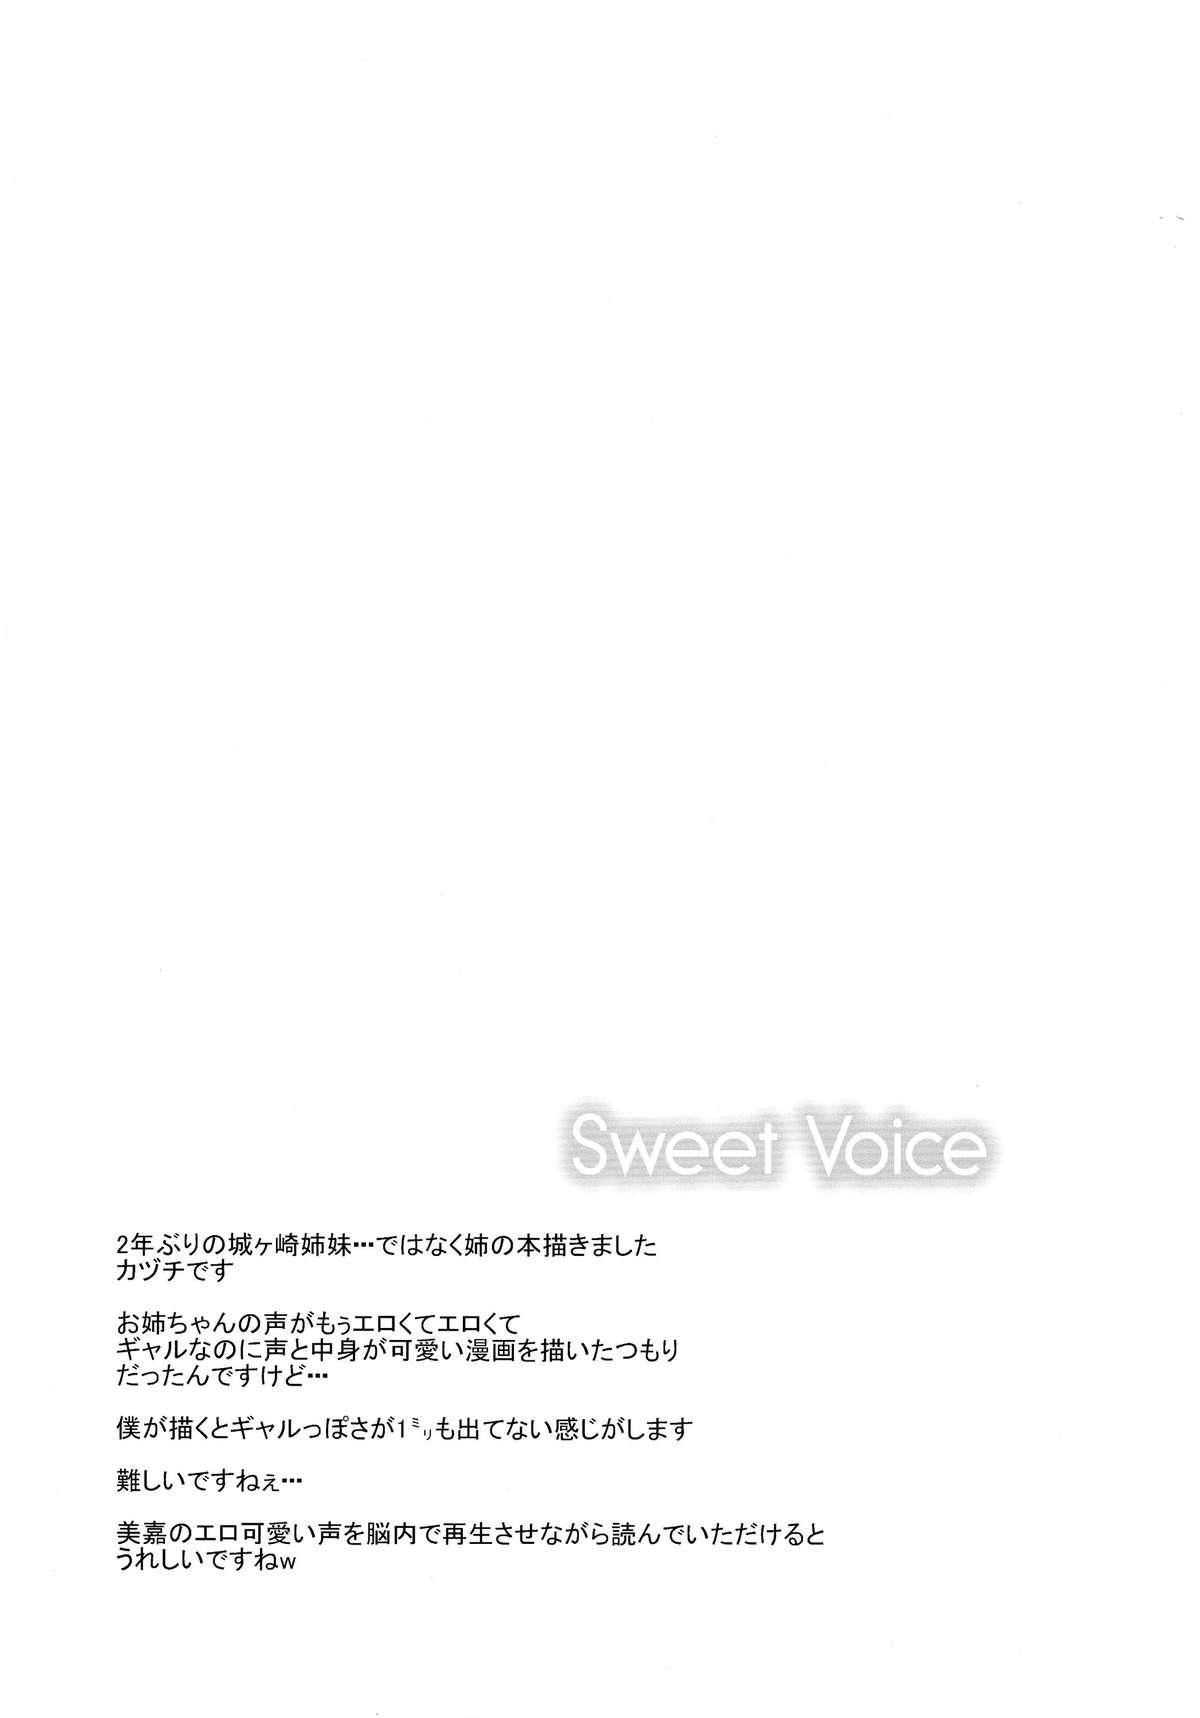 Sweet Voice 3